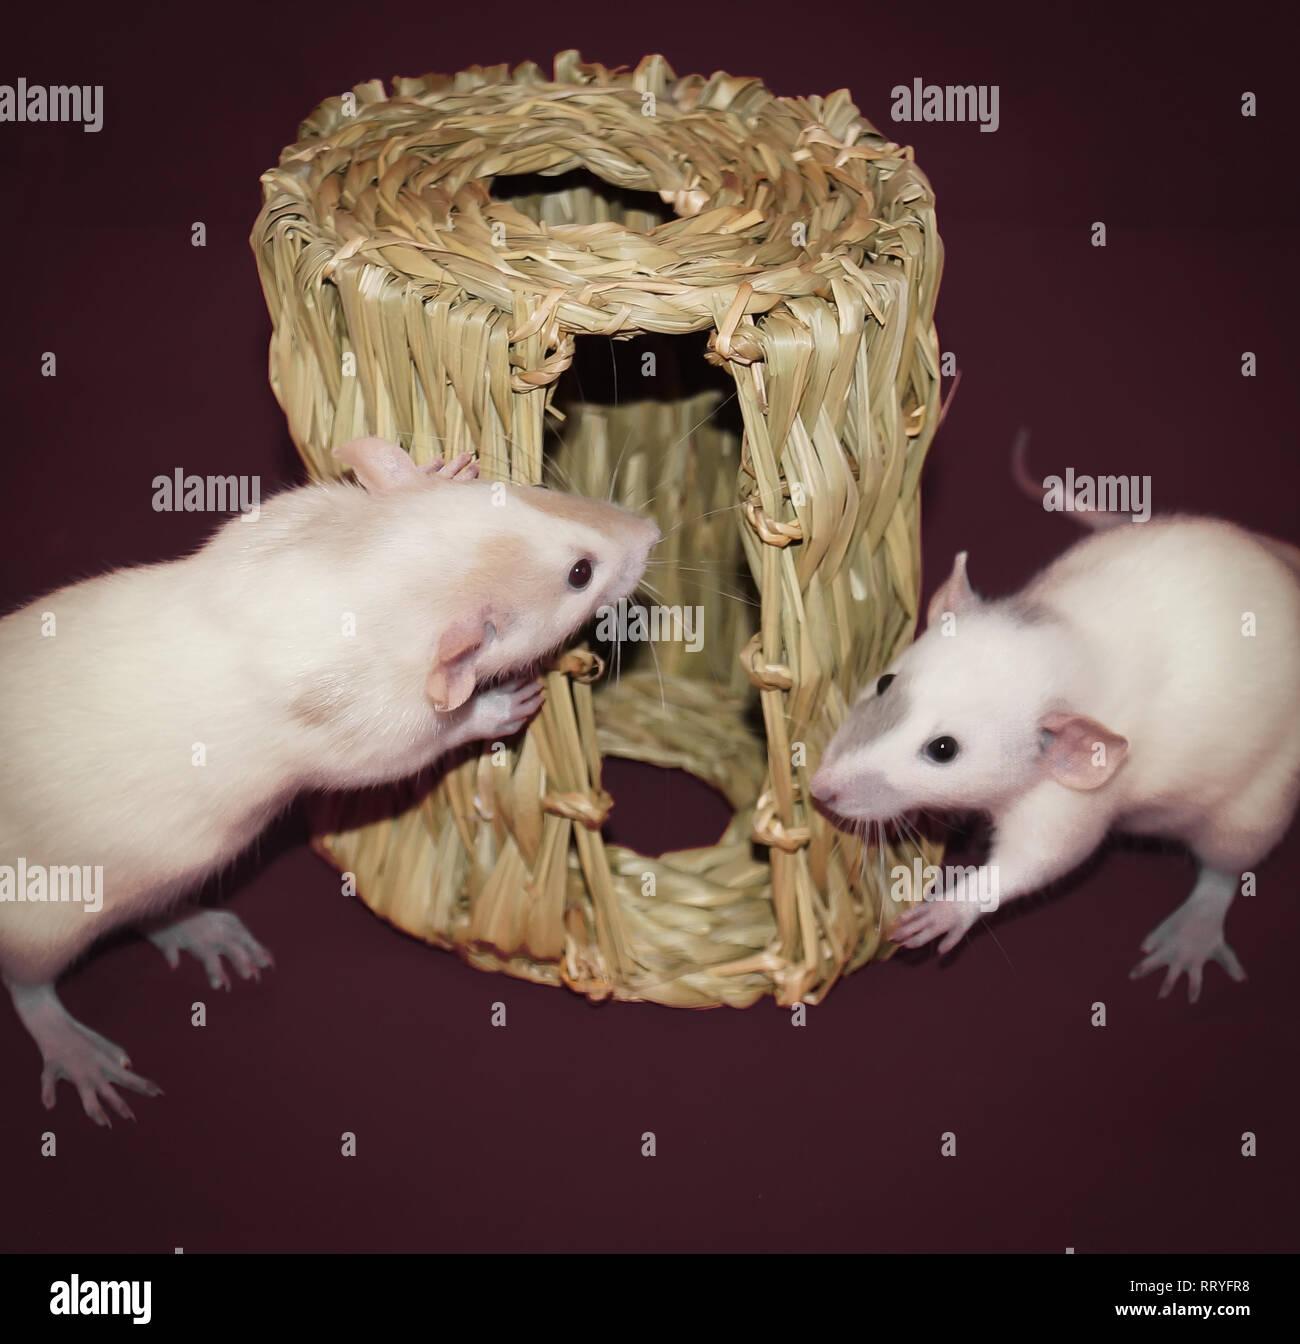 Weiß dumbo Ratten mit braunen und schwarzen Markierungen untersucht eine Heu kauen Hütte Stockbild